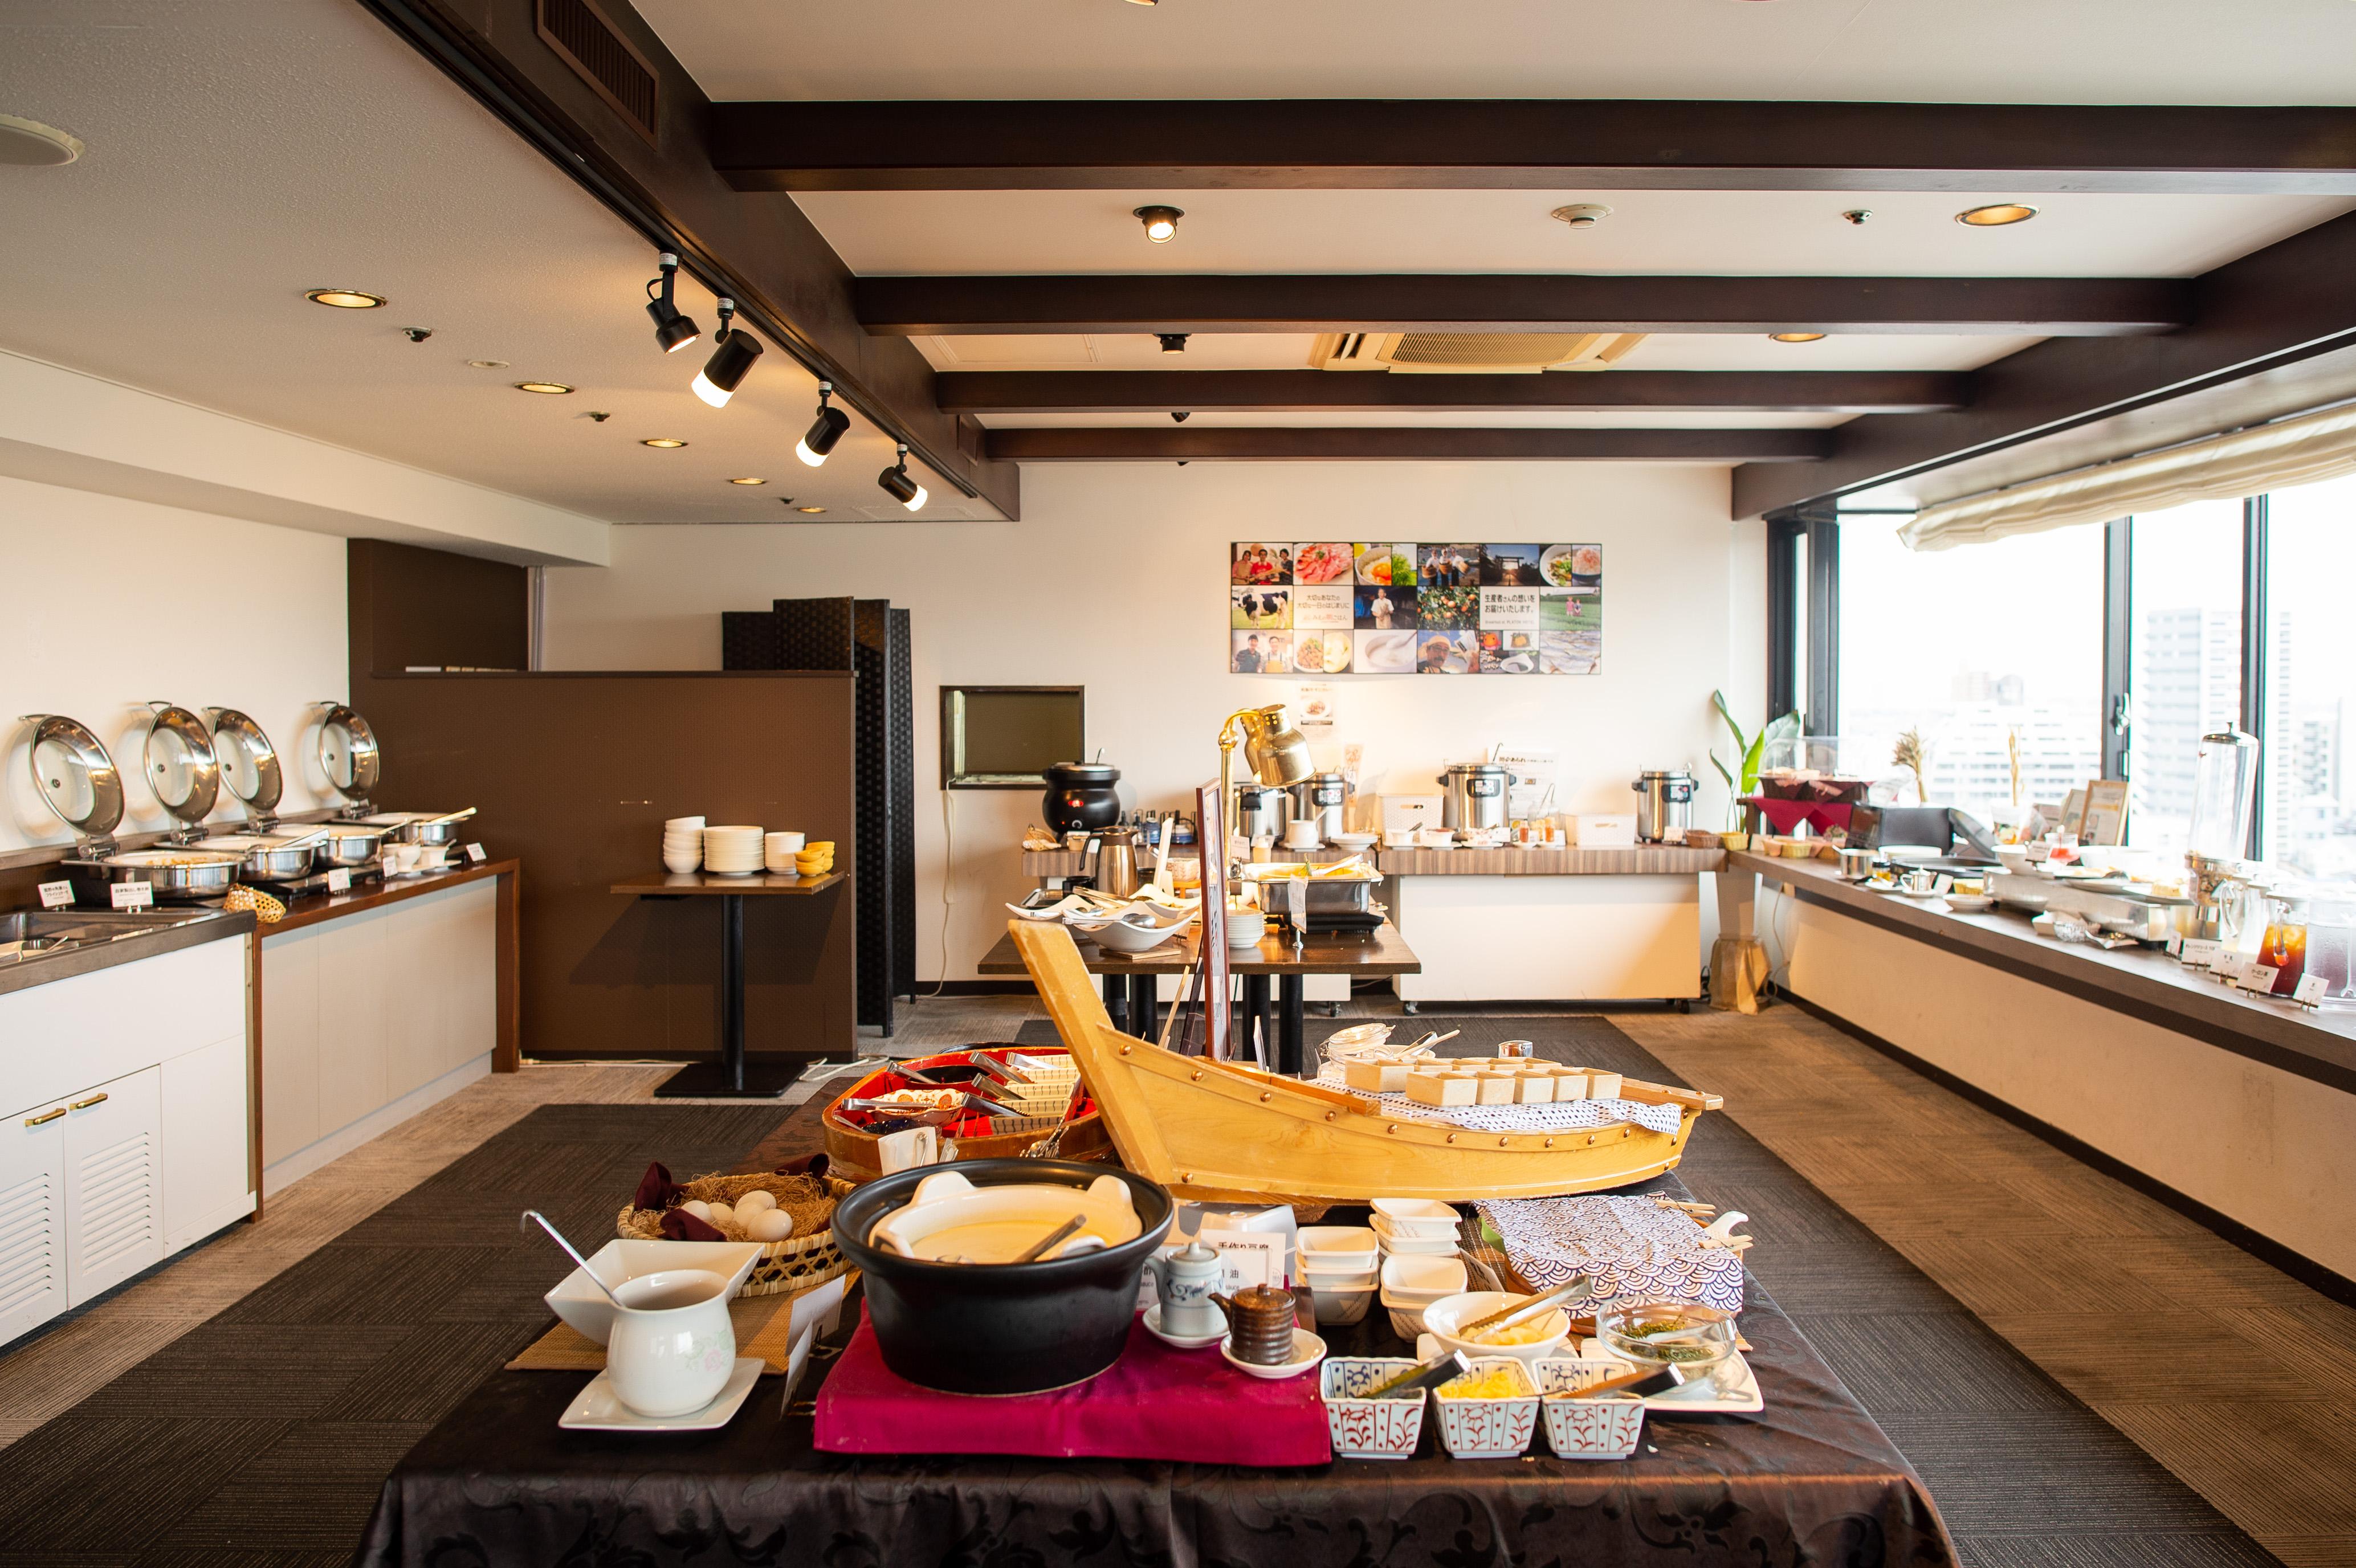 プラトンホテル四日市 朝食ビュッフェ みえの朝ごはん